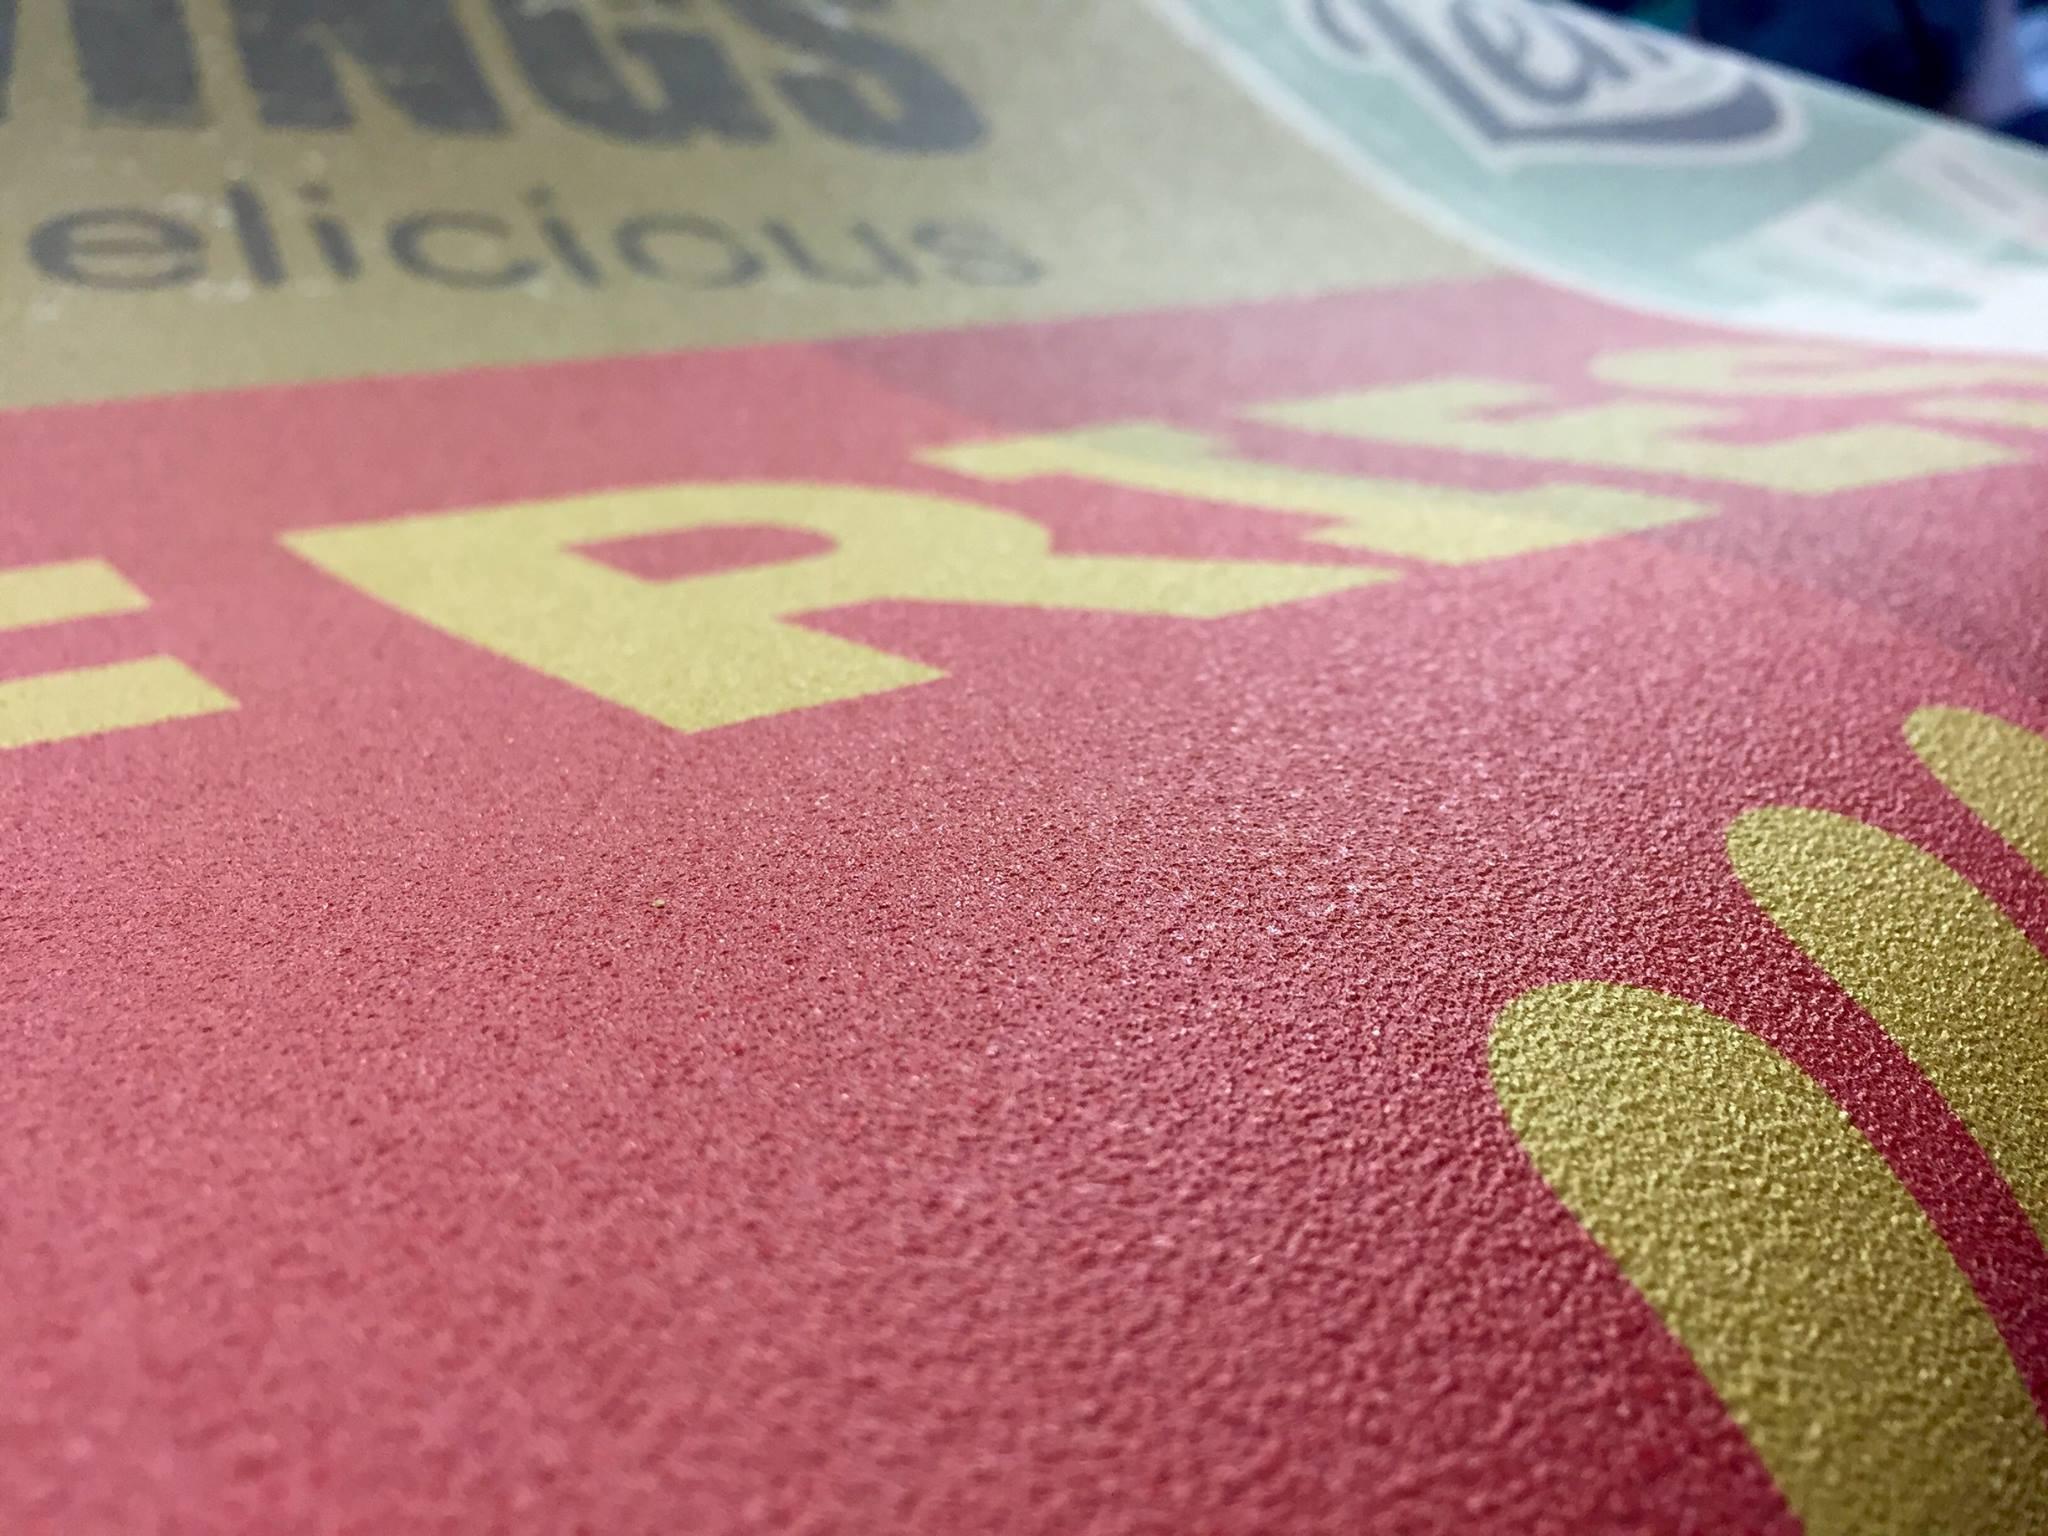 impression sur papier peint personnalis flyers stickers lettrages impression. Black Bedroom Furniture Sets. Home Design Ideas